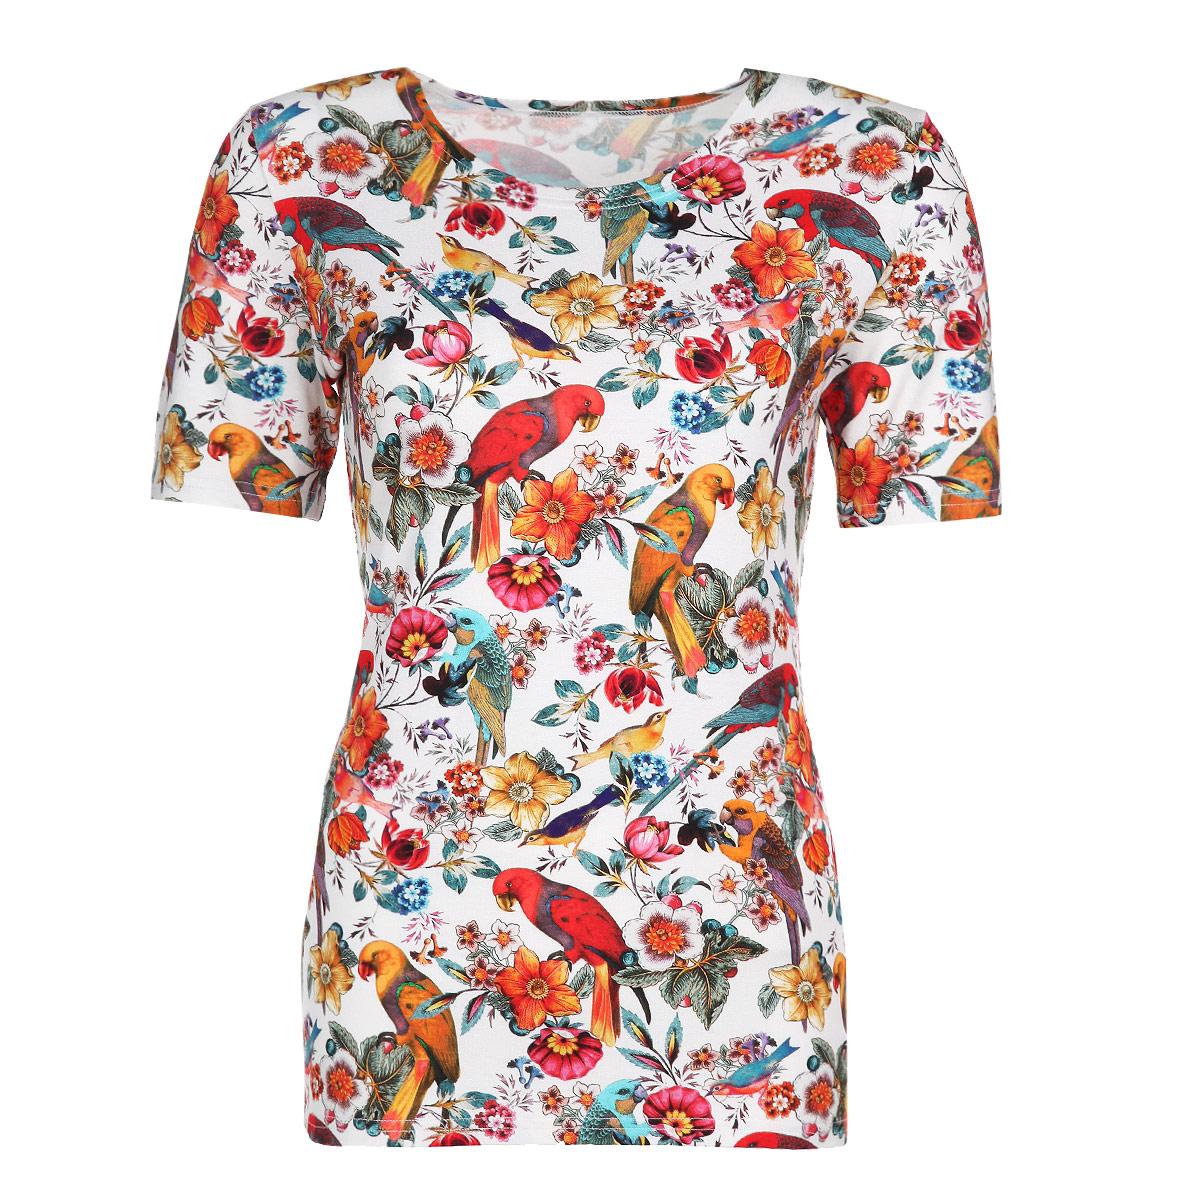 Футболка женская Lautus, цвет: белый, оранжевый, красный. б0334. Размер 48б0334Стильная женская футболка Lautus с короткими рукавами, изготовленная из эластичного трикотажа, прекрасно подойдет для любого типа фигуры. Модель прямого кроя с круглым вырезом горловины оформлена ярким принтом с изображением попугаев и цветов. Такая замечательная футболка станет отличным украшением гардероба. В ней вы всегда будет в центре внимания!